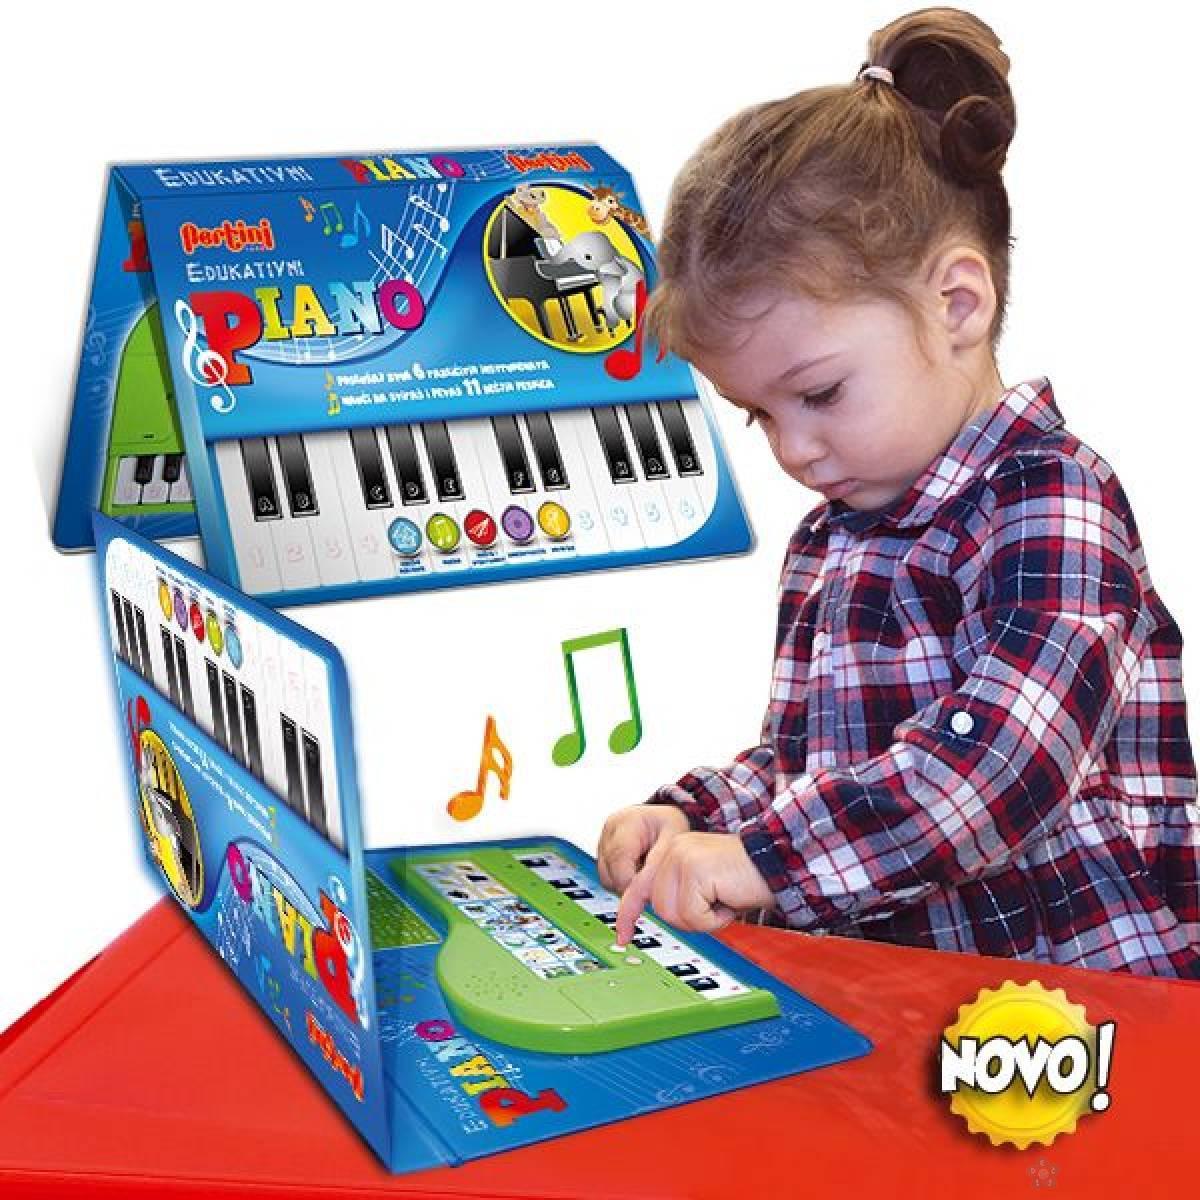 Edukativni piano P-0283